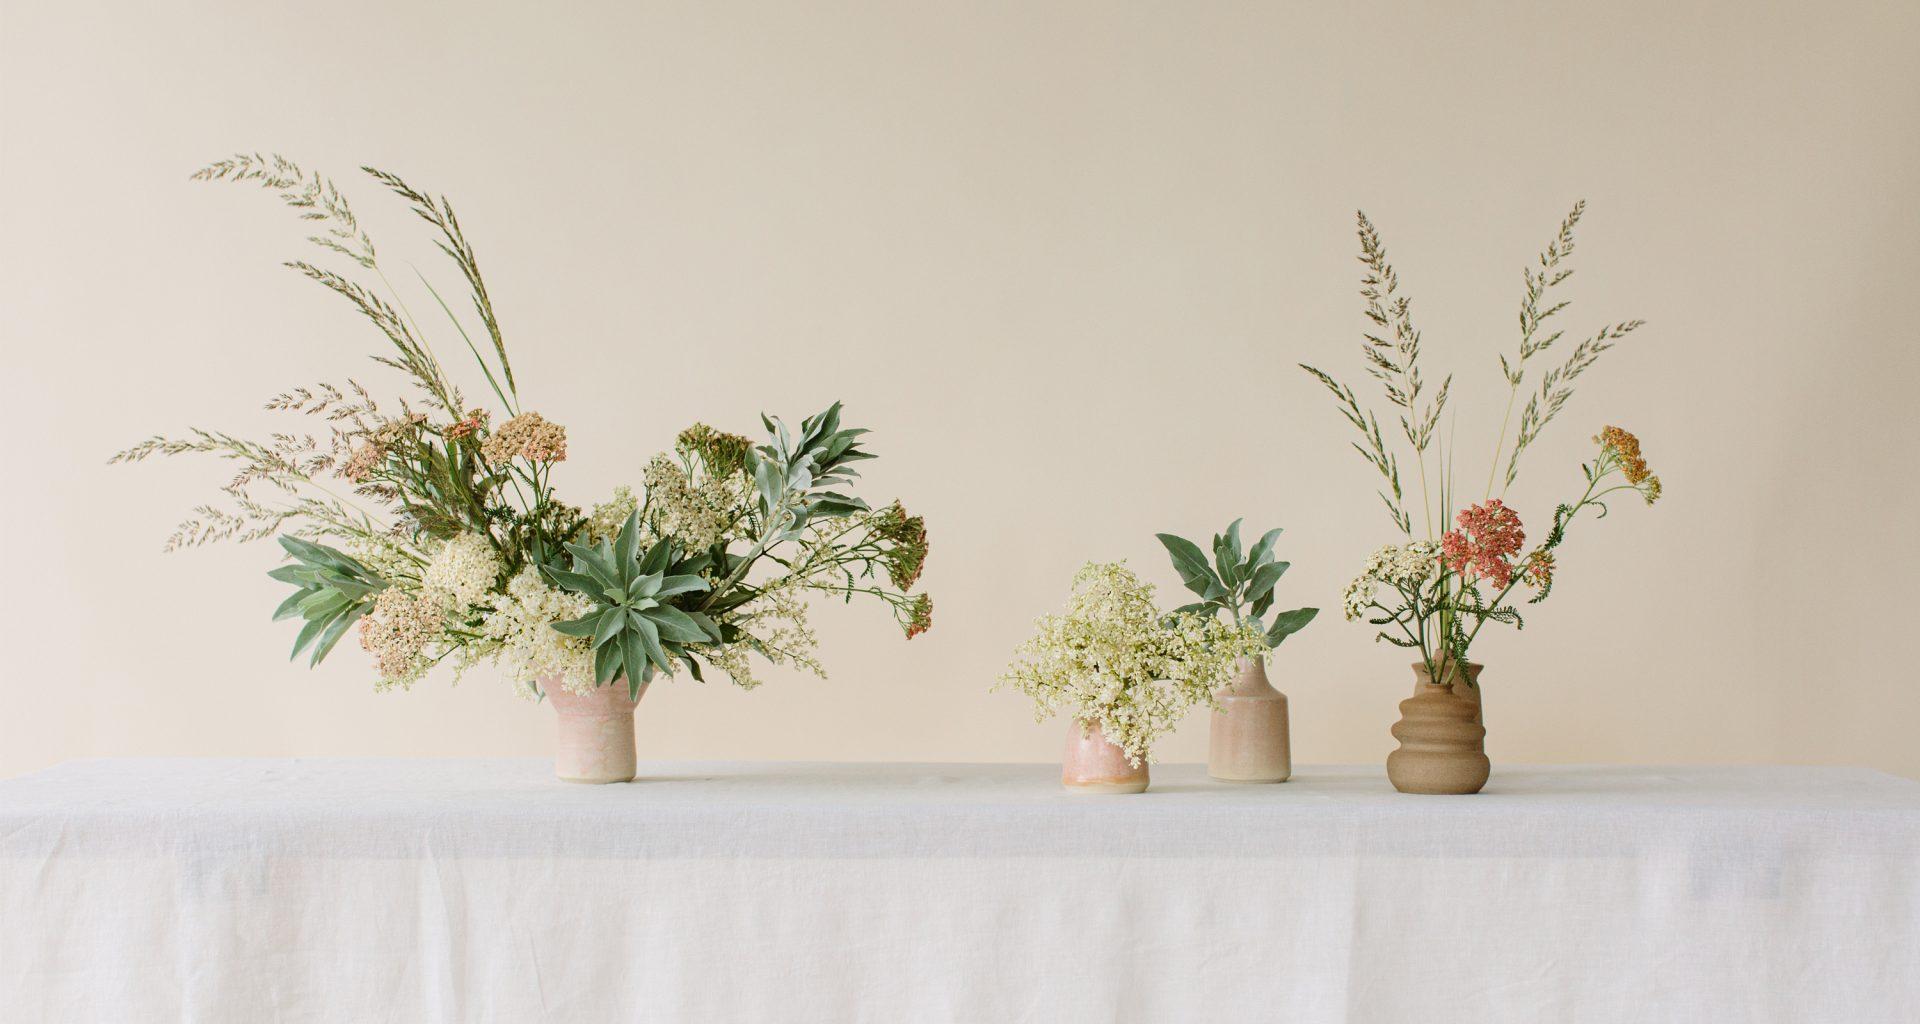 jenni-kayne-summer-floral-encyclopedia-2019-1920x1024-1.jpg